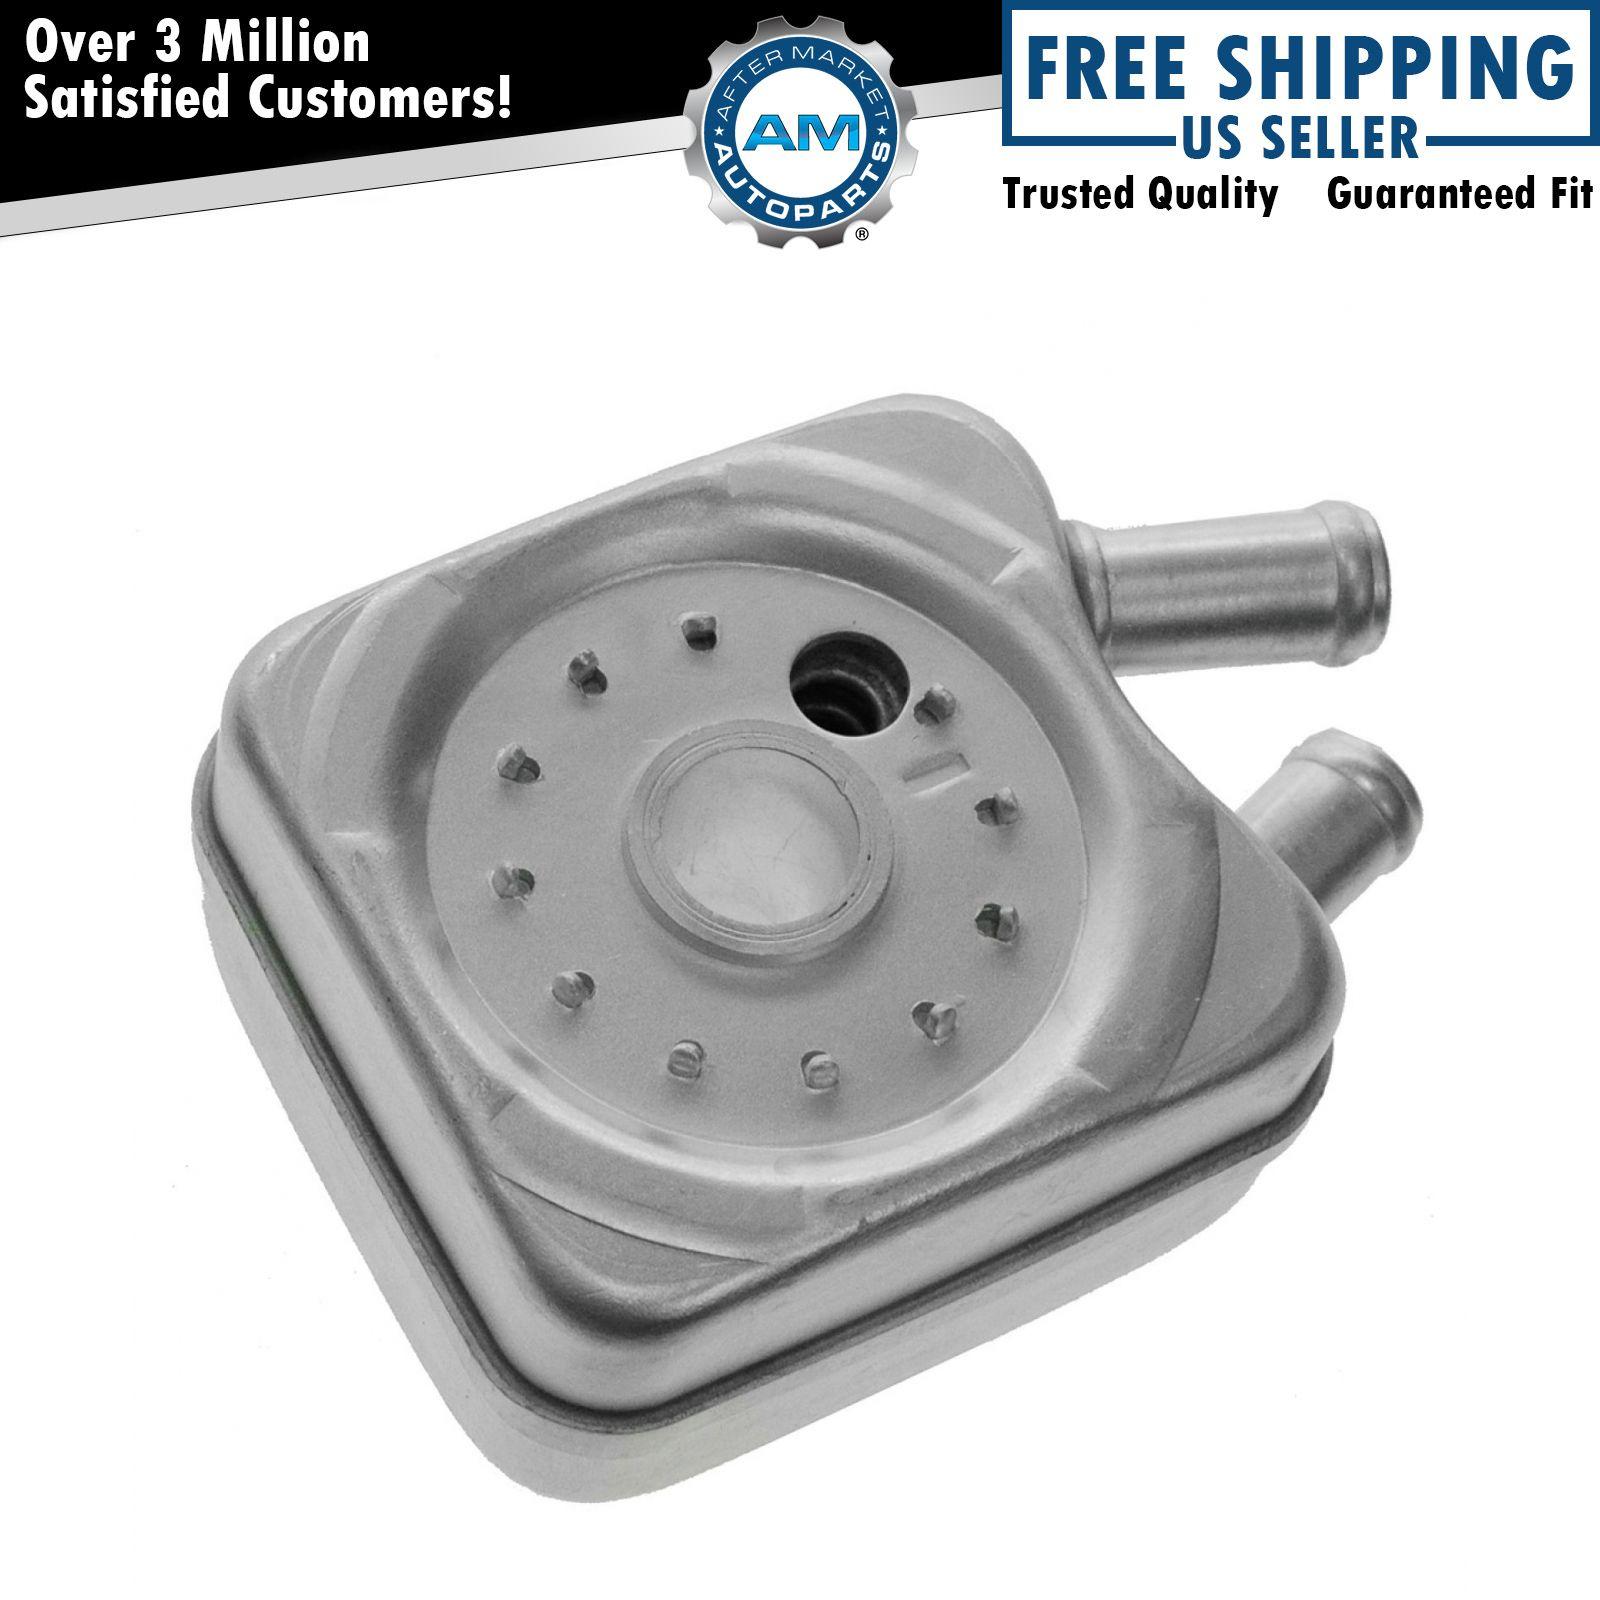 Engine Oil Cooler For Audi A4 A6 VW Jetta Golf Passat 2.0L